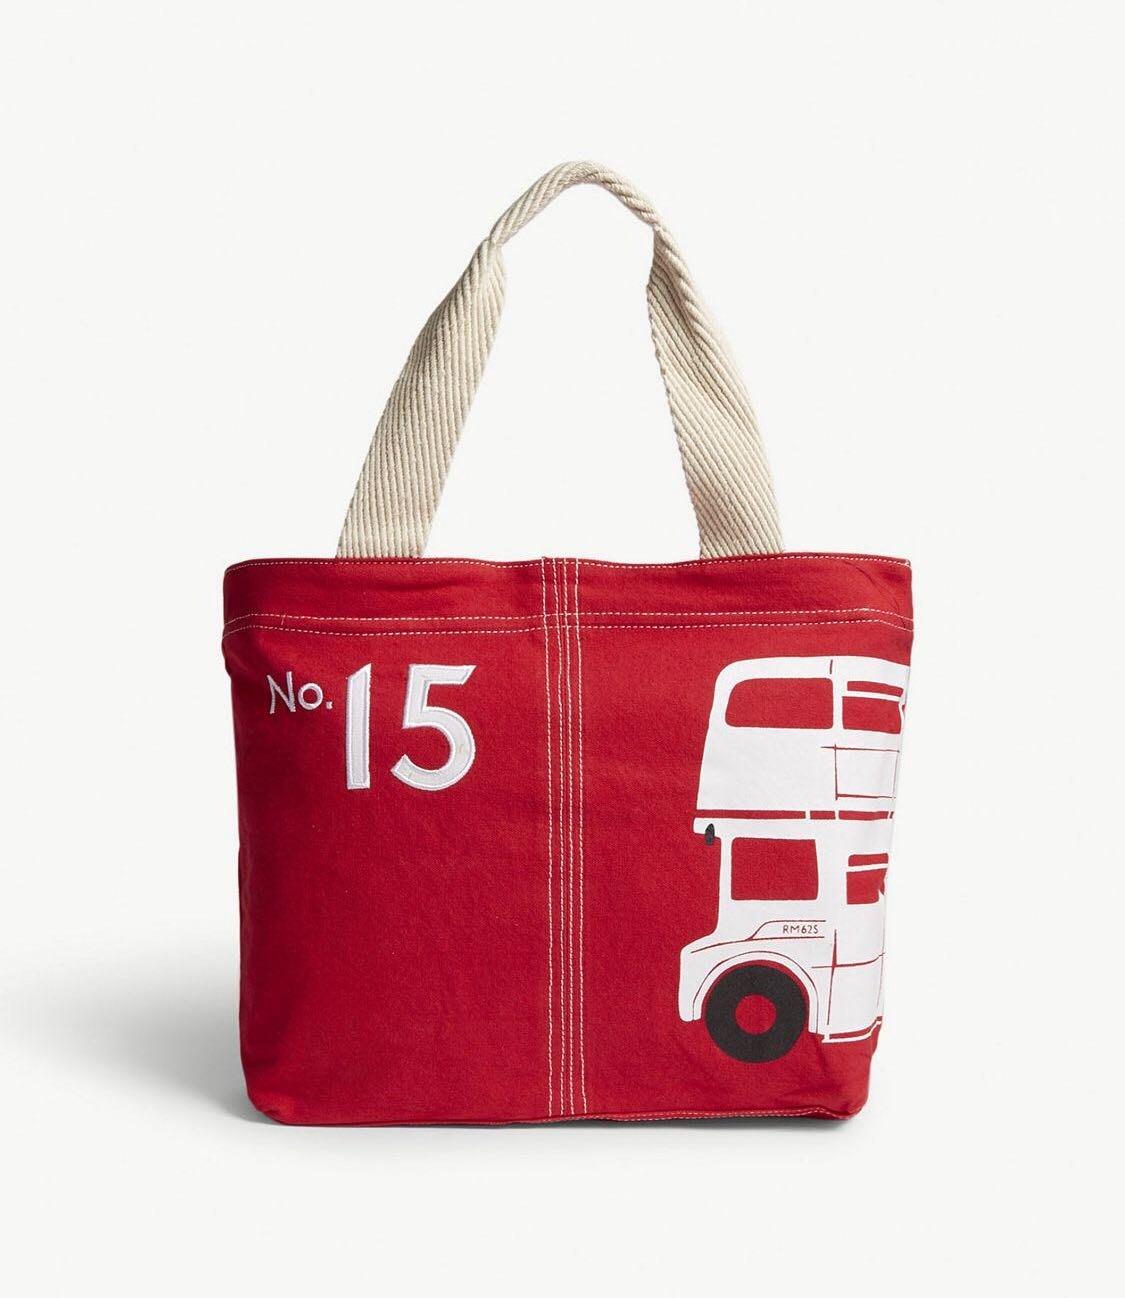 英國 ALICE TAIT London bus Portland tote 倫敦巴士手提/購物包(預購)